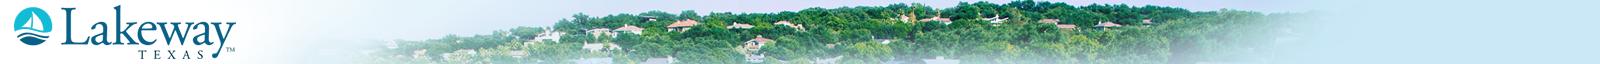 Lakeway, TX logo